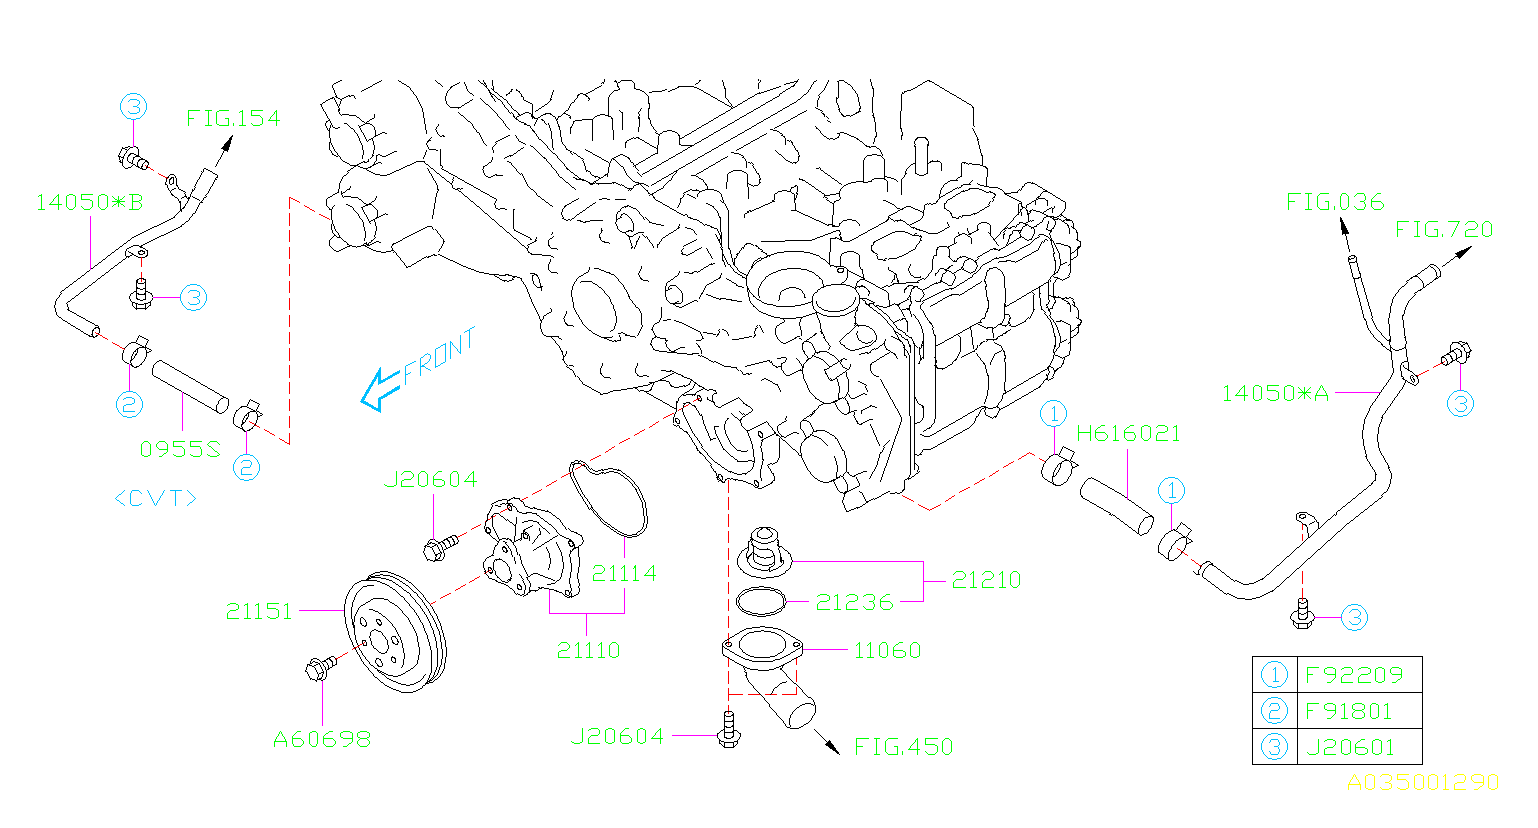 Subaru Forester Engine Coolant Hose - 09551D100 ...